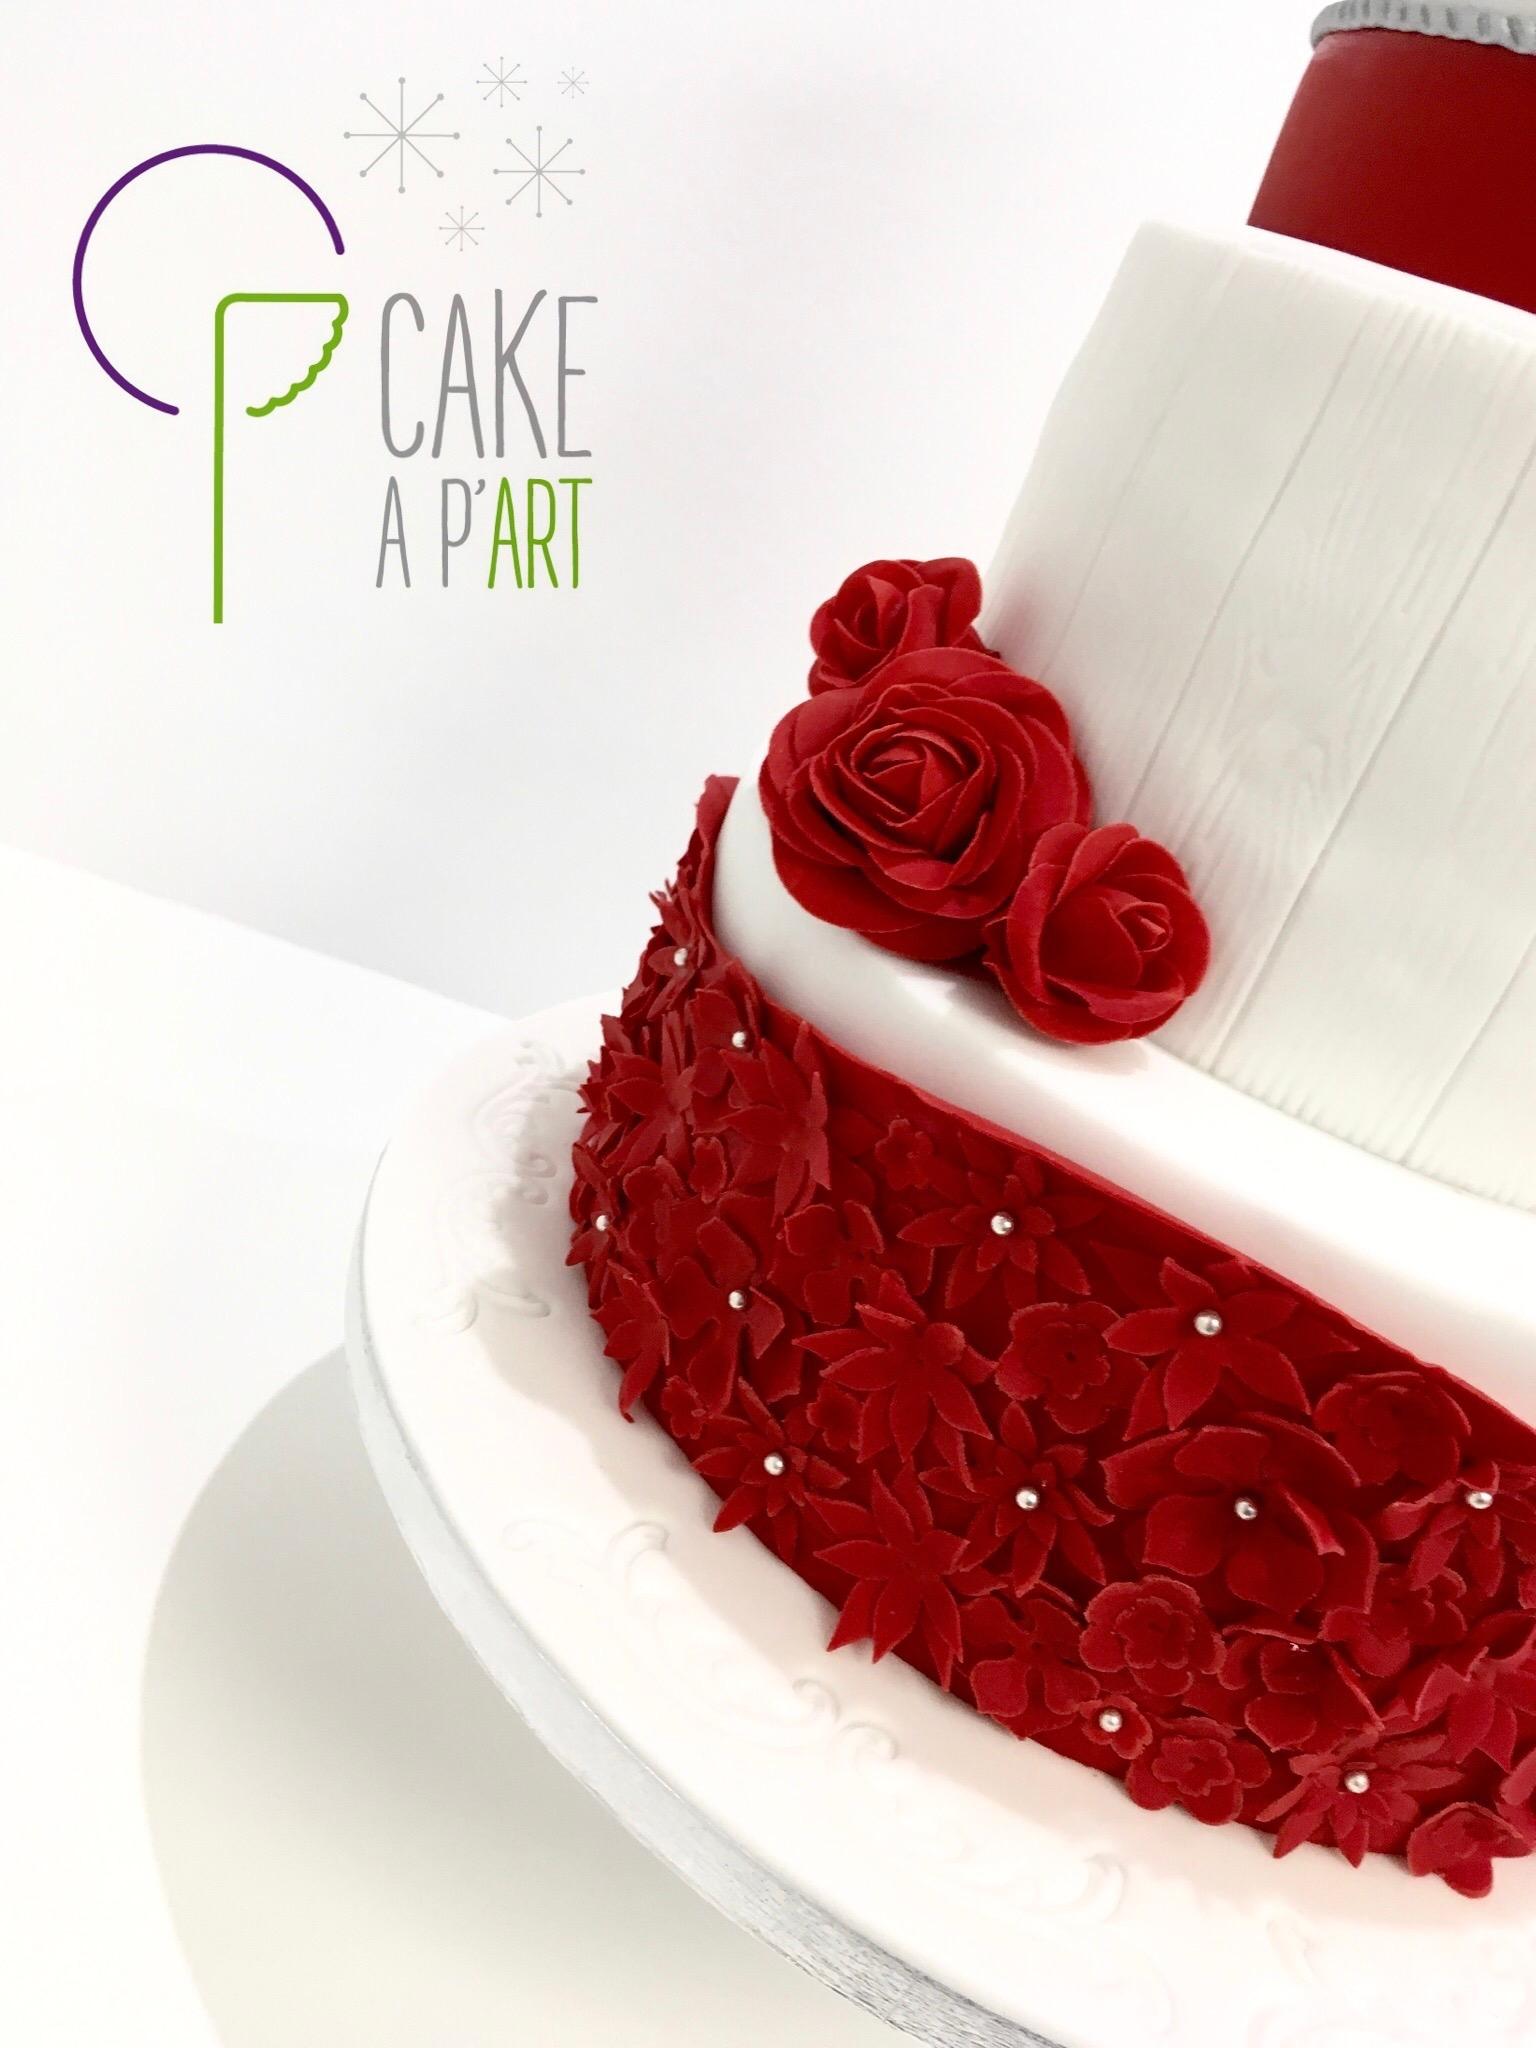 Décor en sucre gâteaux personnalisés - Mariage Fleurs et roses rouges